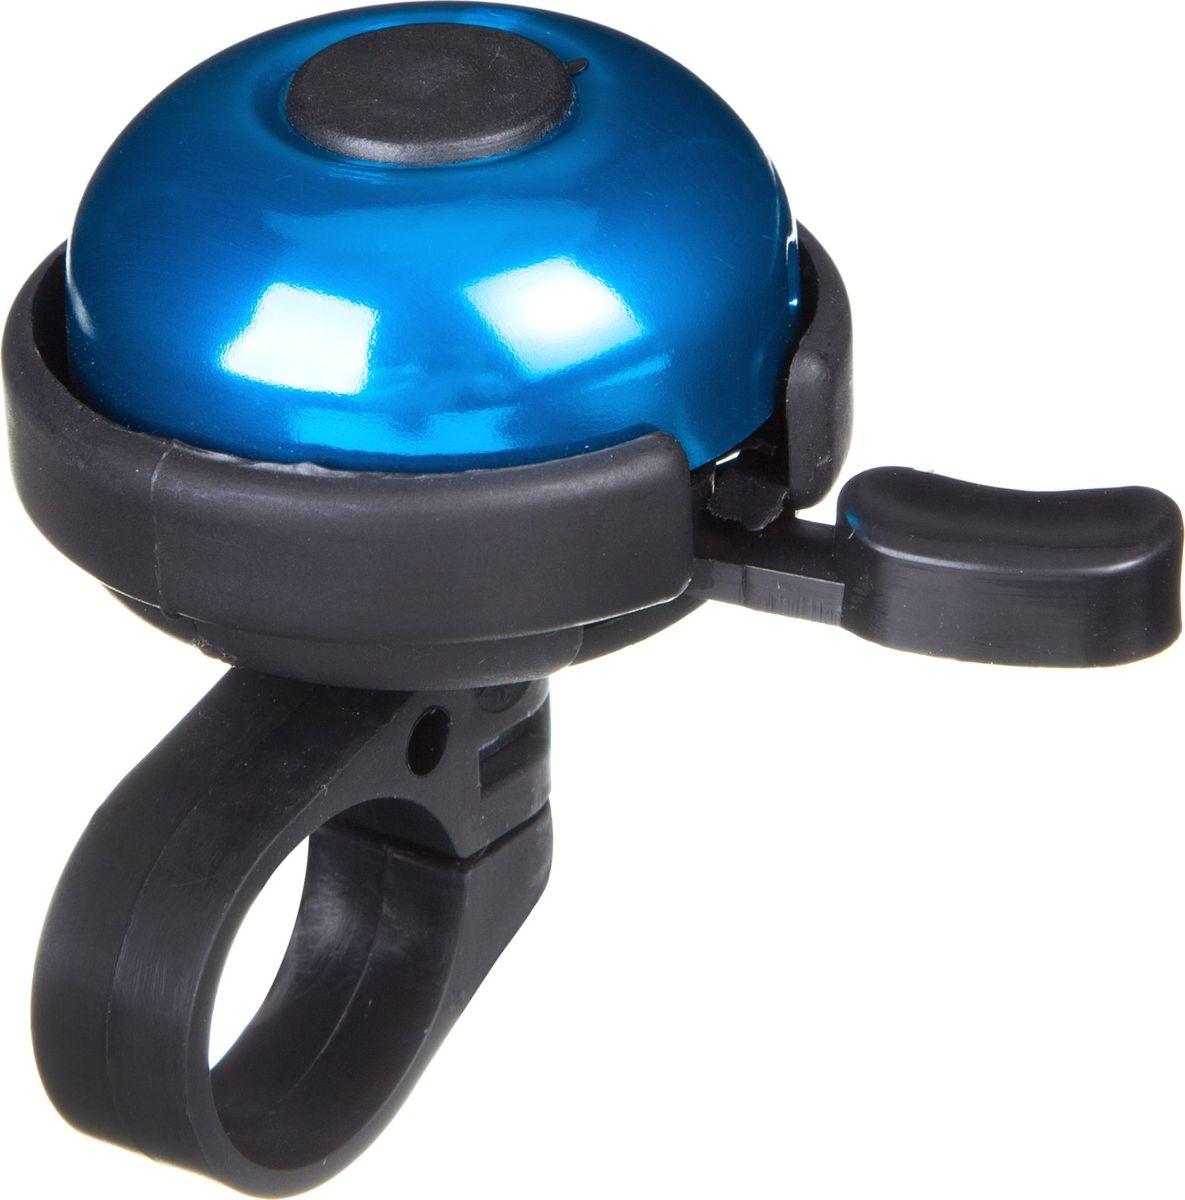 Звонок велосипедный STG 31А-05, цвет: синий, черныйХ82742Звонок STG 31А-05, выполненный из высококачественных материалов, предупредит пешеходов и других велосипедистов о вашем приближении, а также обеспечит безопасность вашего движения. Звонок предназначен для крепления на руль и подойдет не только для велосипедов, но и для самокатов.